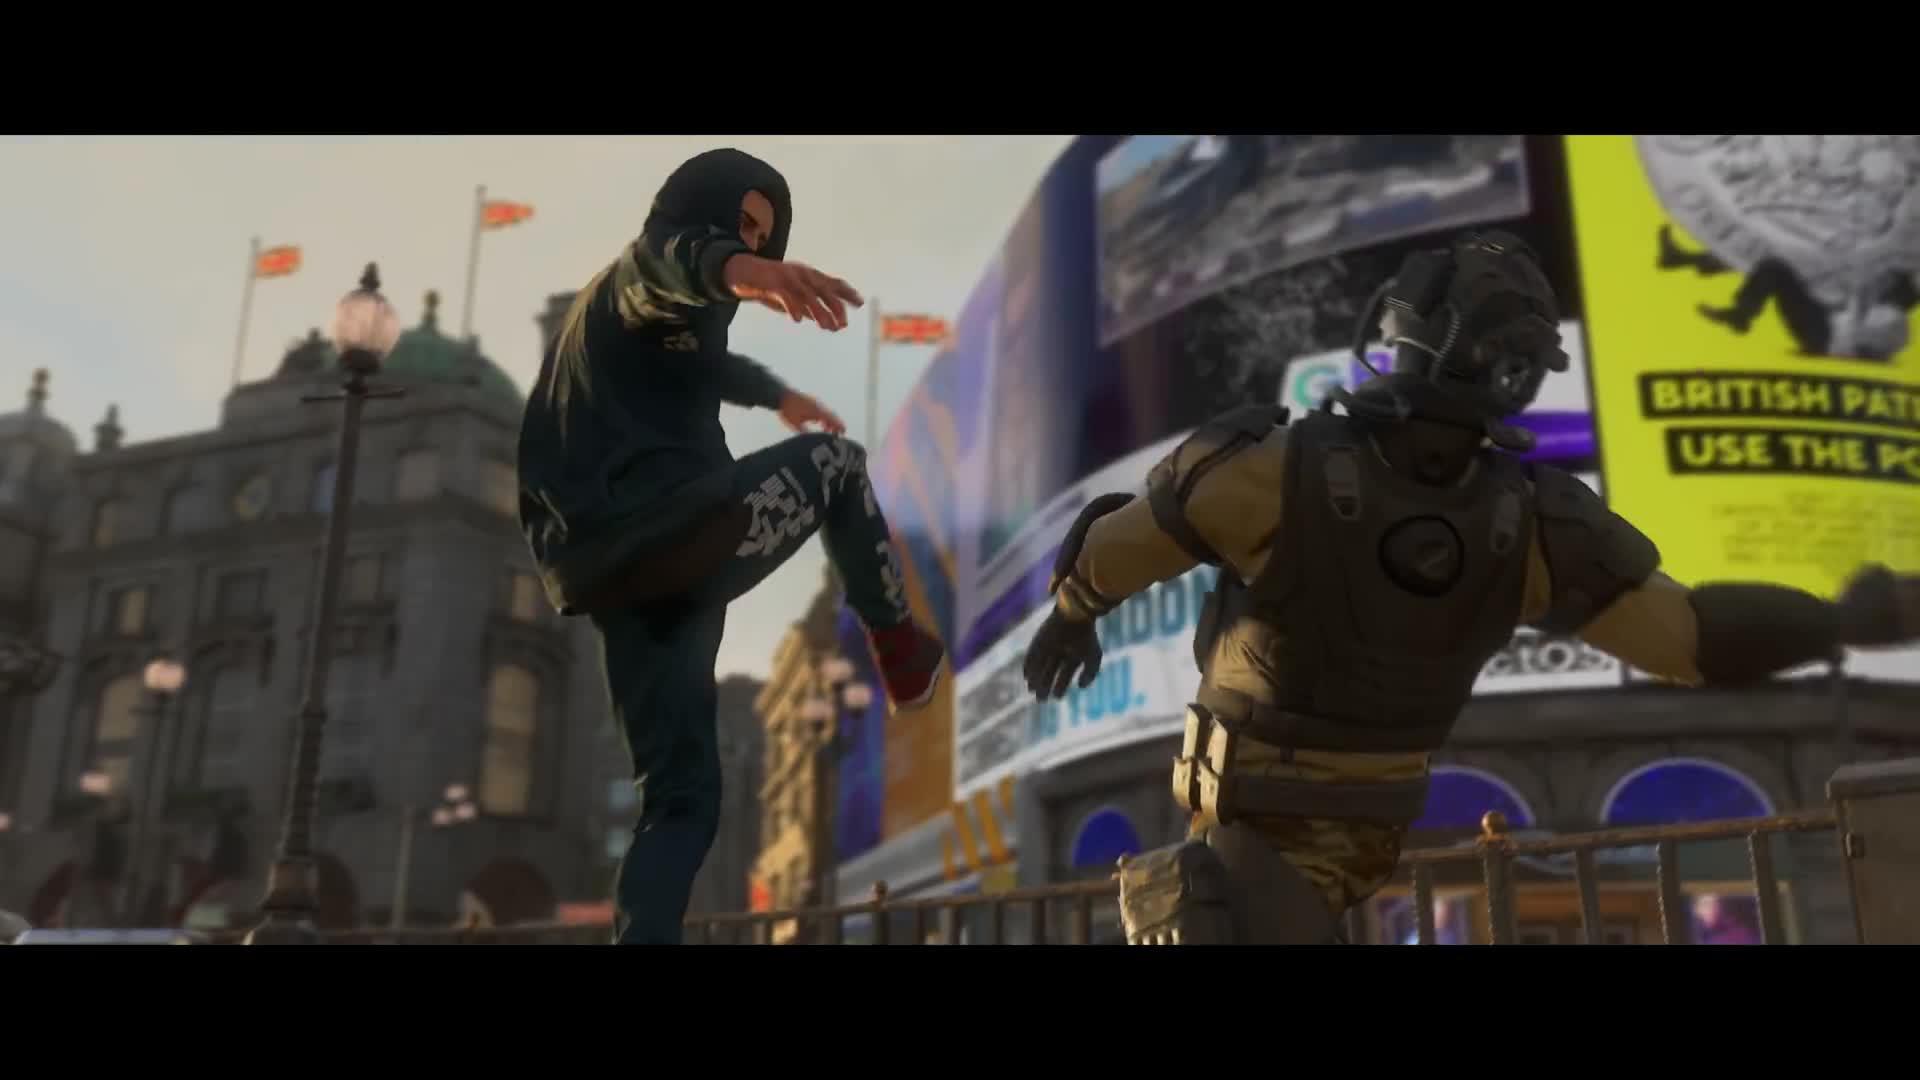 Trailer, E3, Ubisoft, actionspiel, E3 2019, Watch Dogs, Watch Dogs Legion